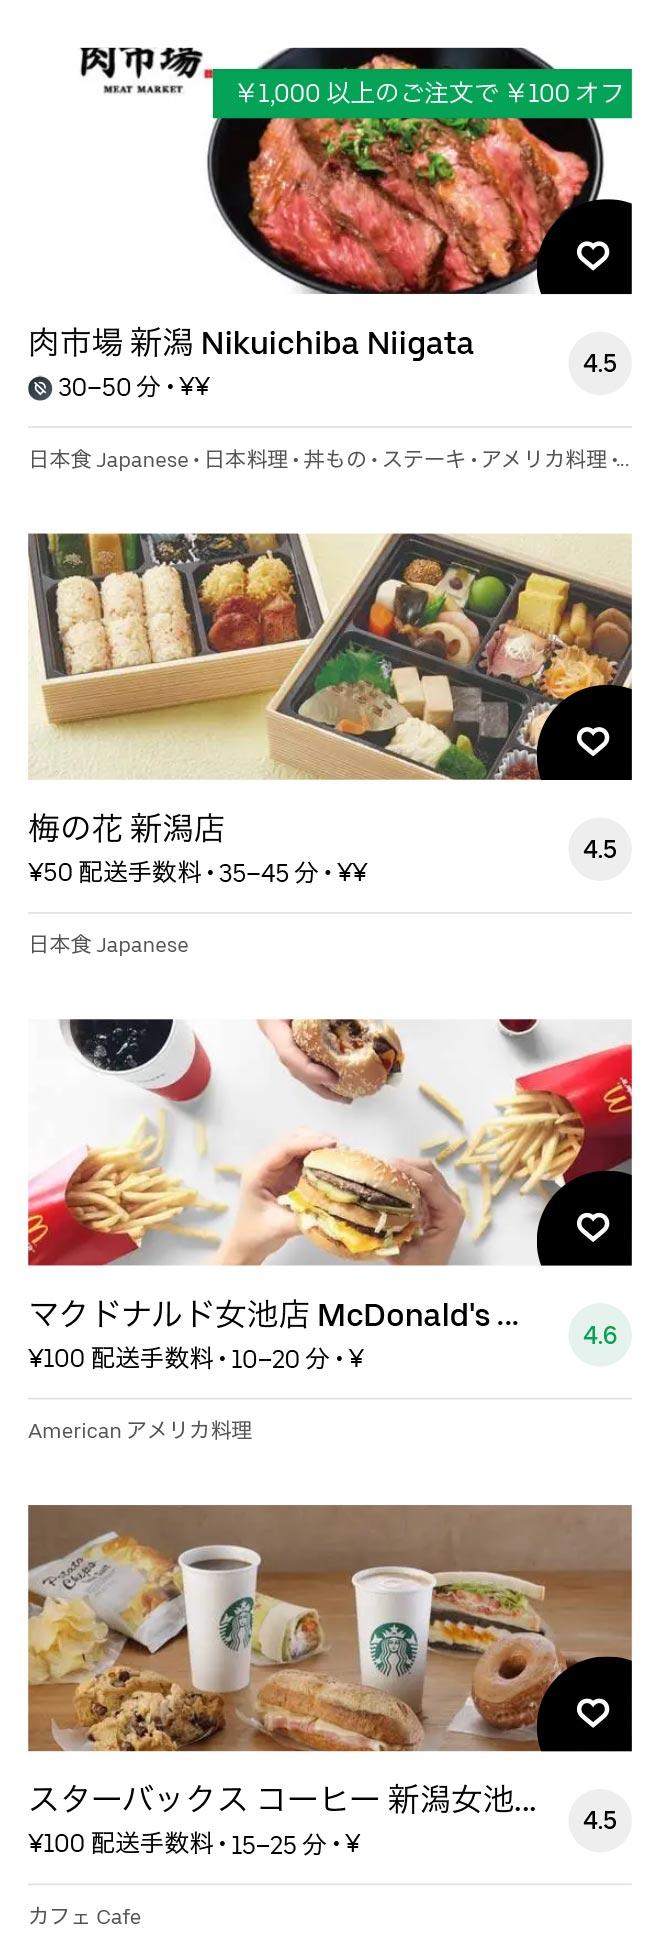 Kamiyama menu 2011 08